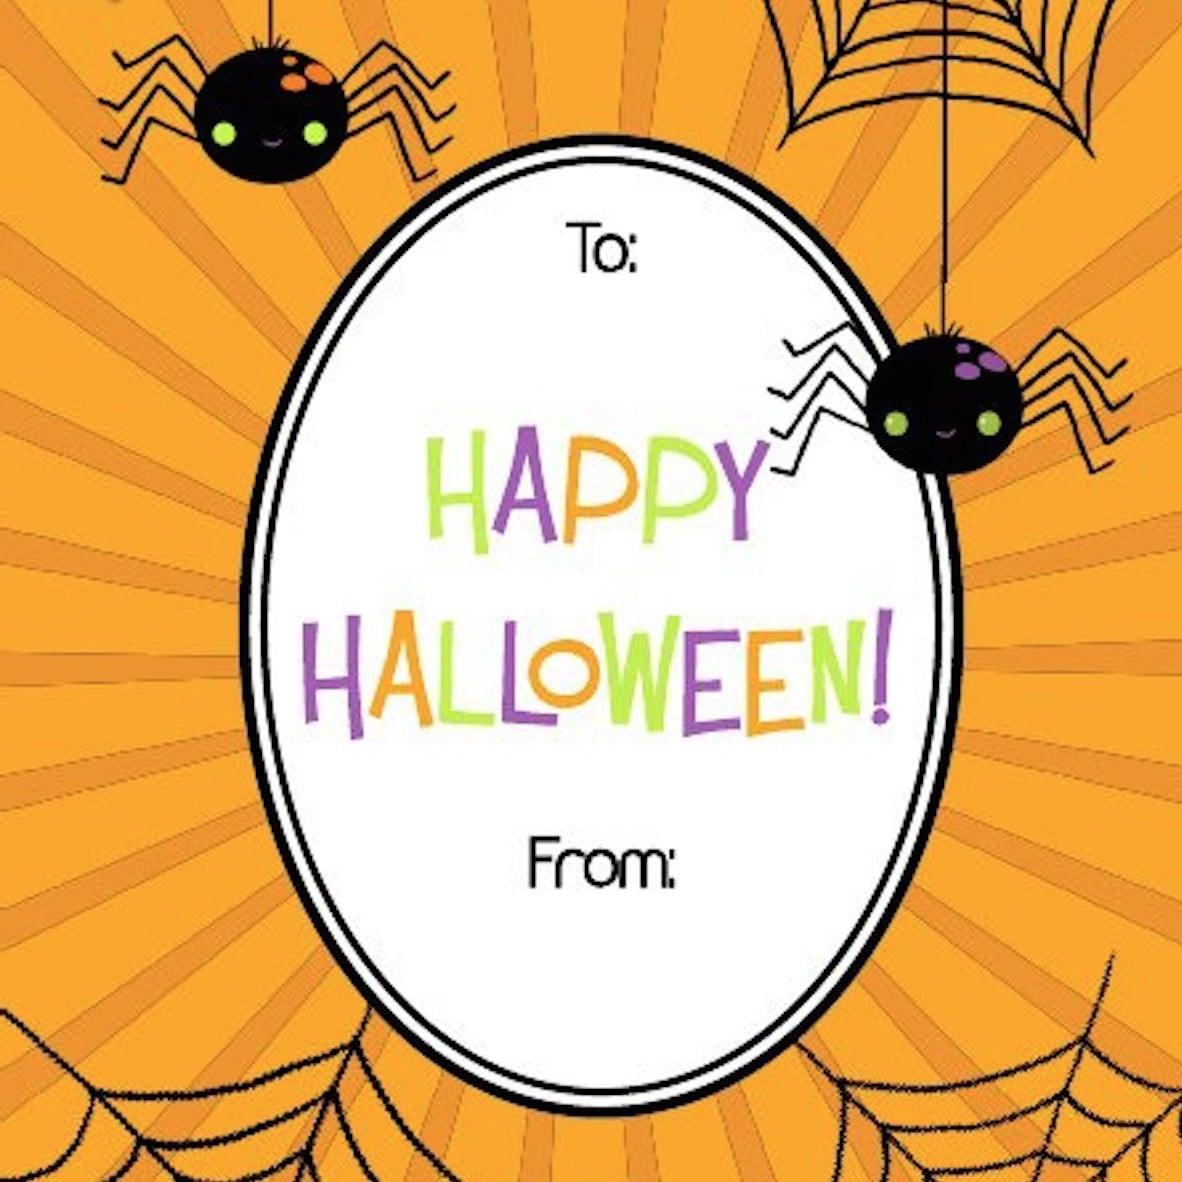 Free Printable Halloween Gift Tags | Popsugar Smart Living - Free Printable Halloween Tags